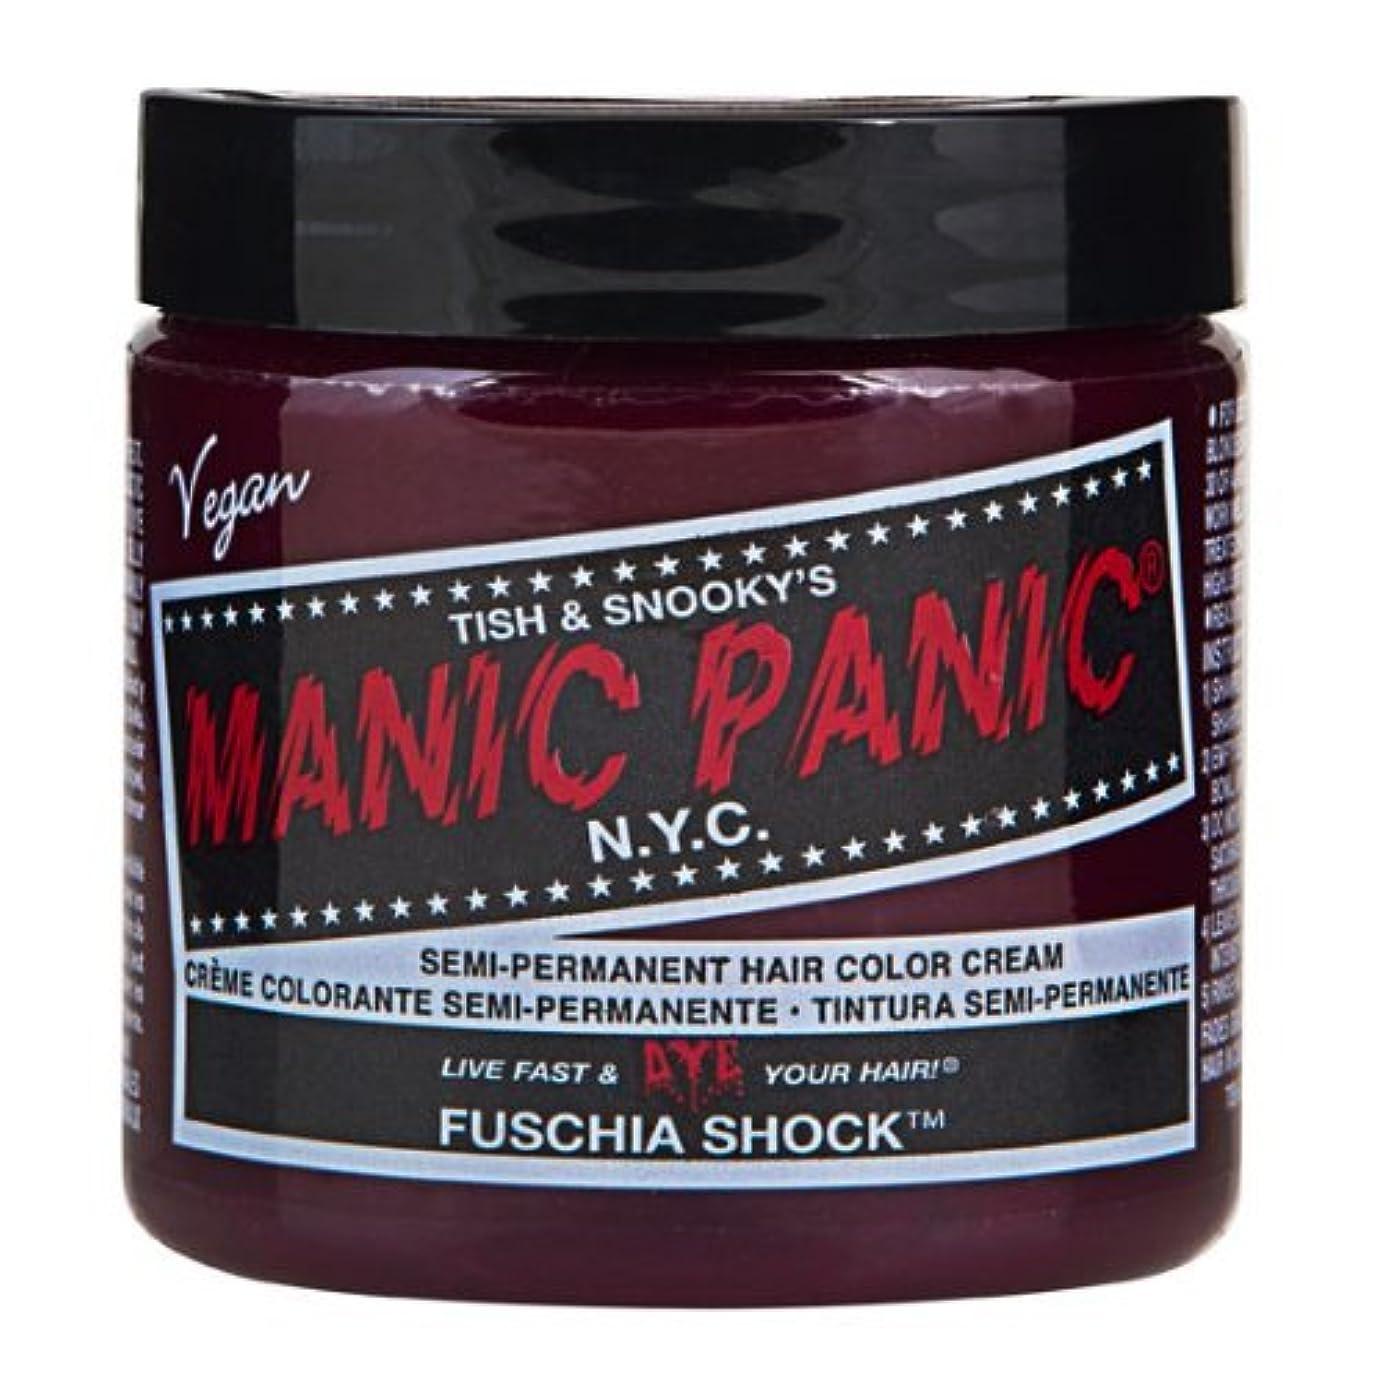 評論家アンペアアラームマニックパニック MANIC PANIC ヘアカラー 118mlフューシャショック ヘアーカラー